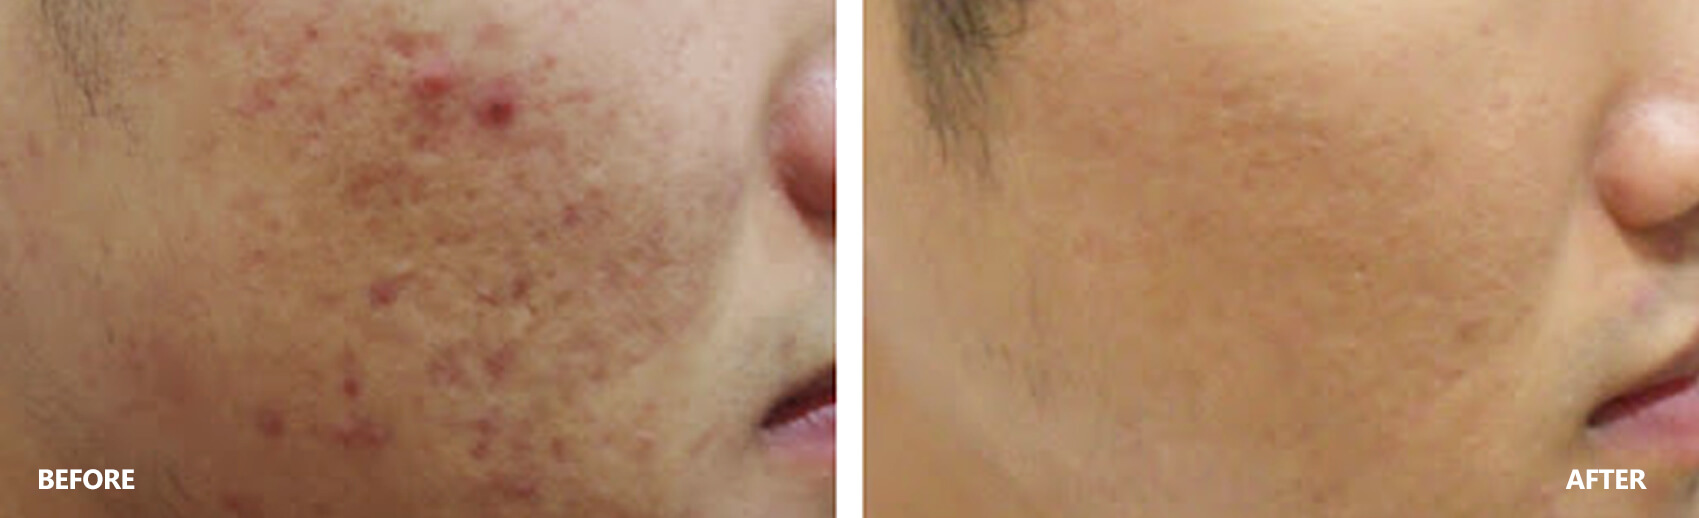 scar-result-3